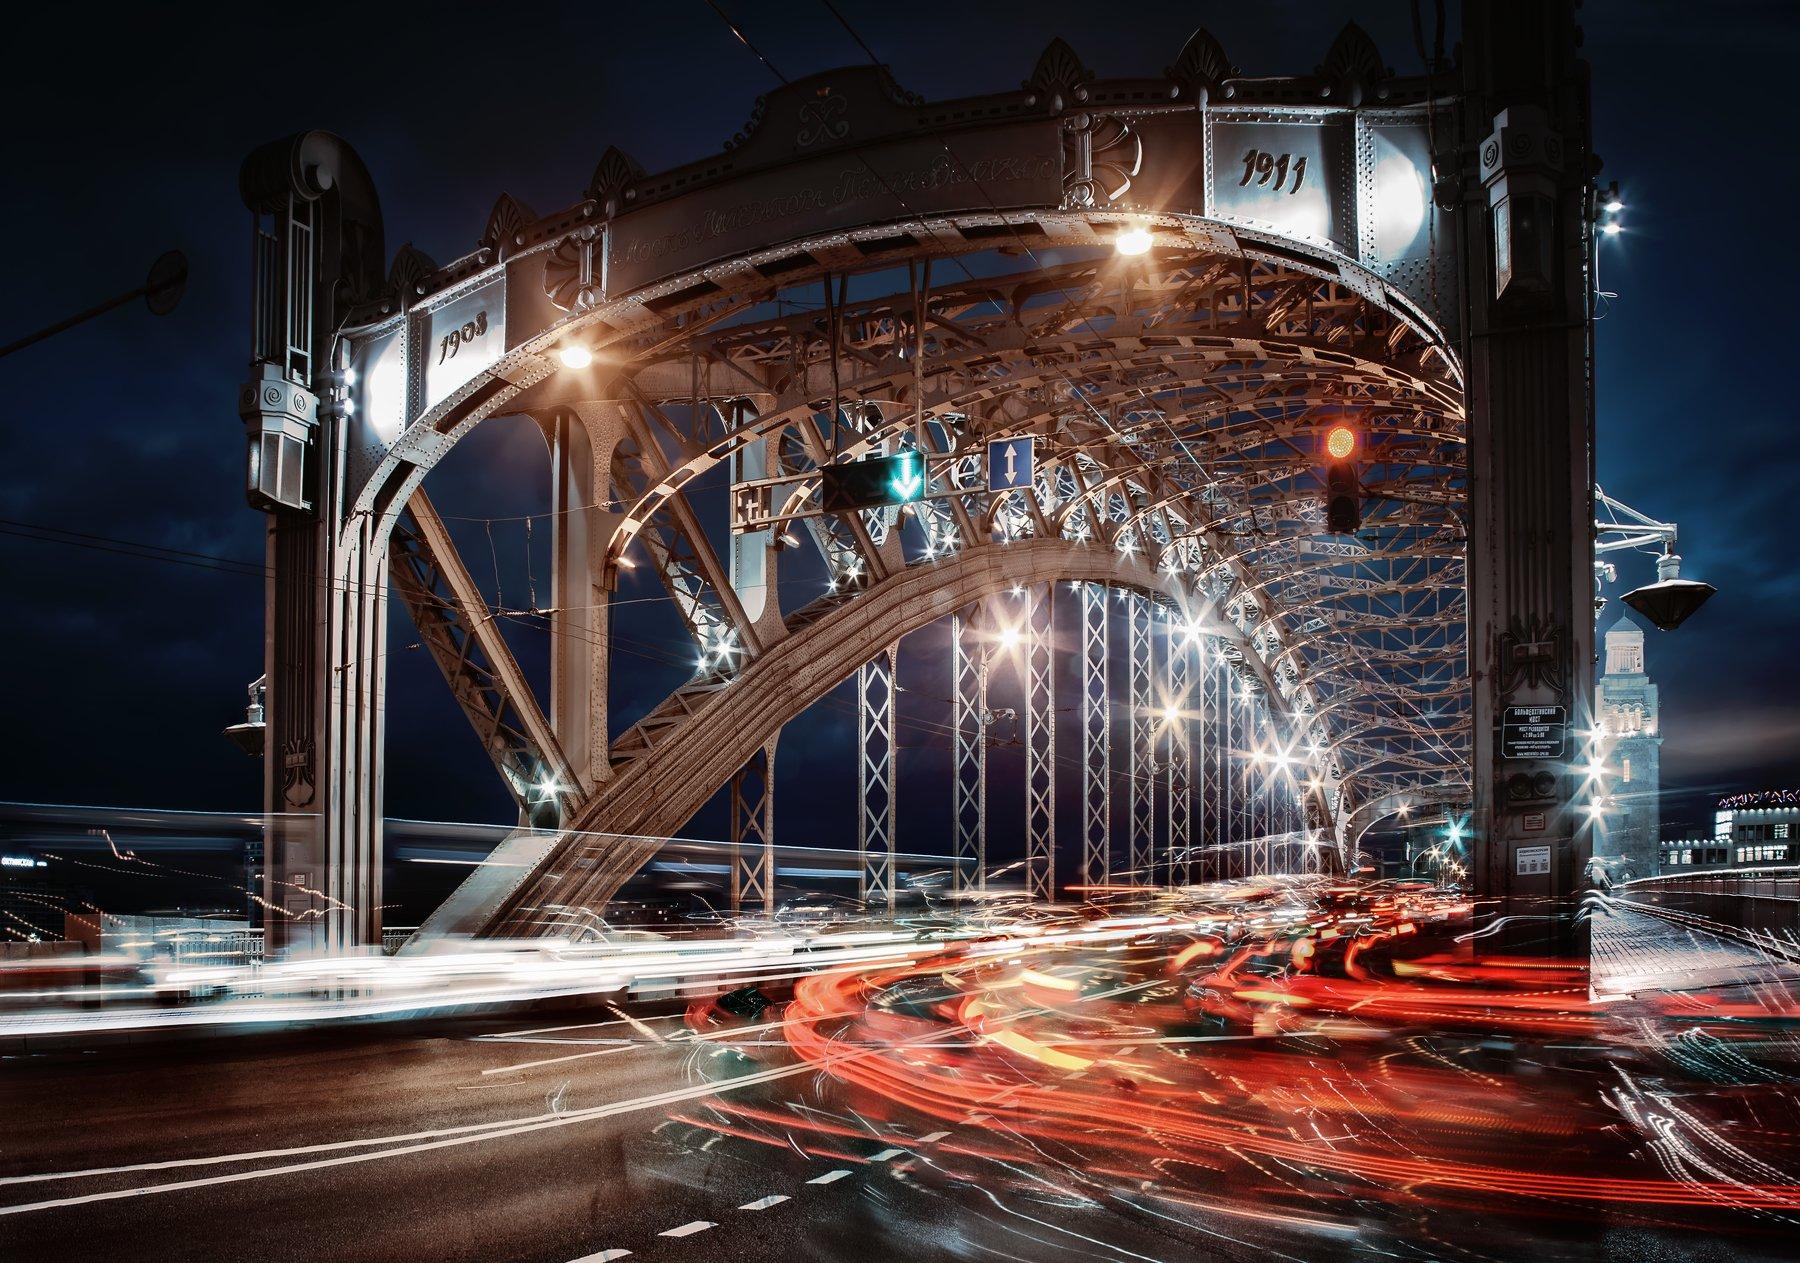 город,река,мост,вечер,закат,движение,фонари,свет, Тамара